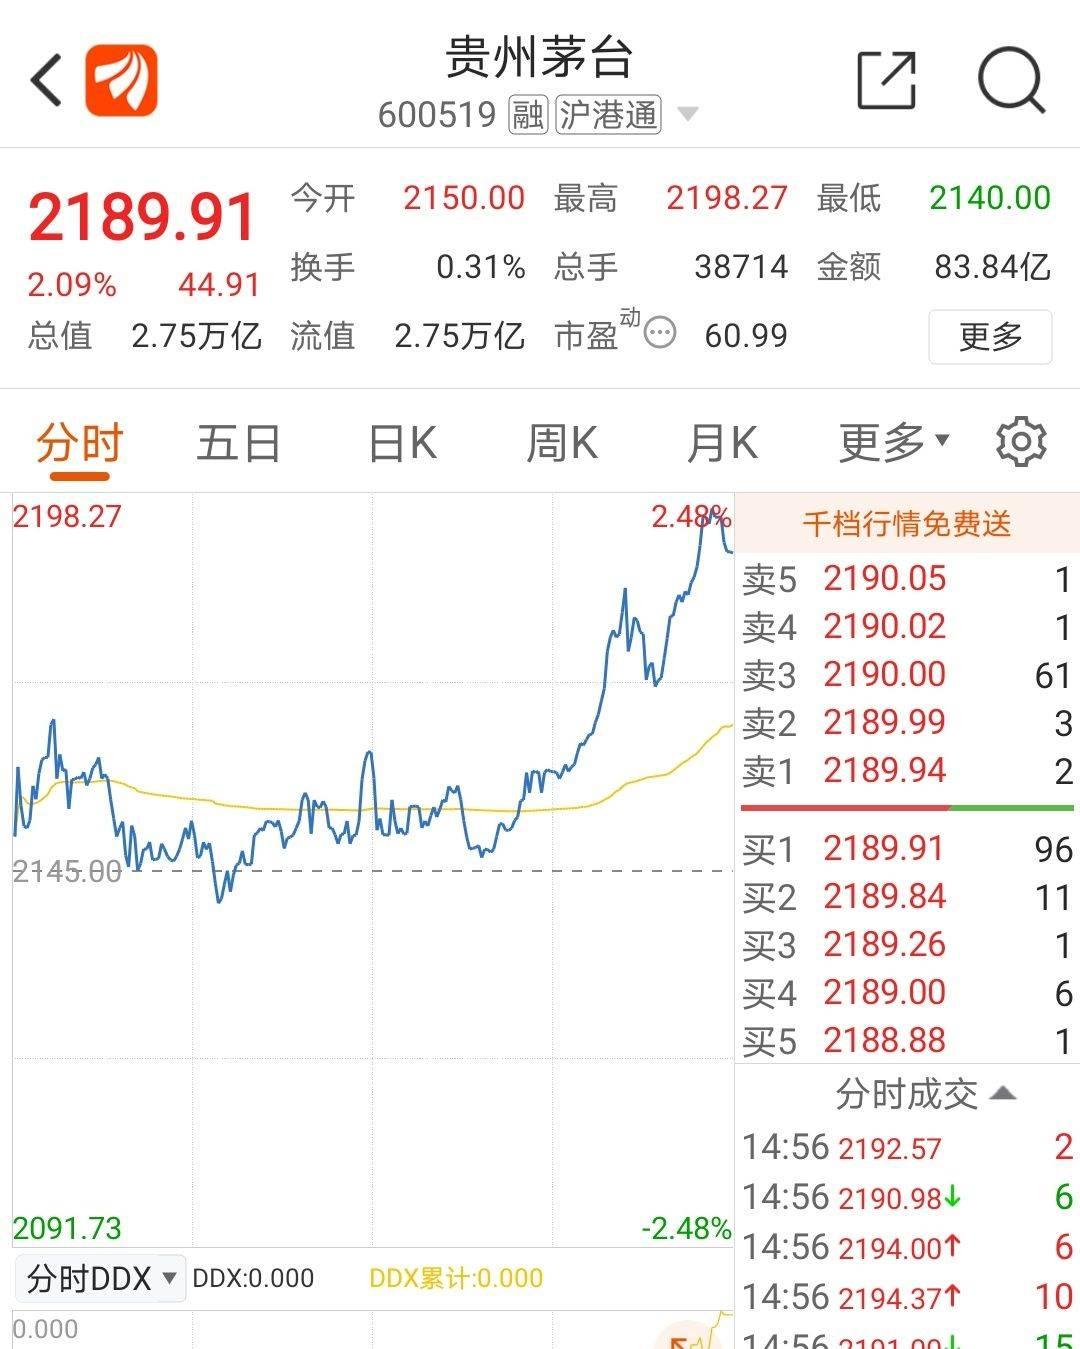 白酒个股分化,贵州茅台和泸州老窖创新高,ST愿意连续三天上涨